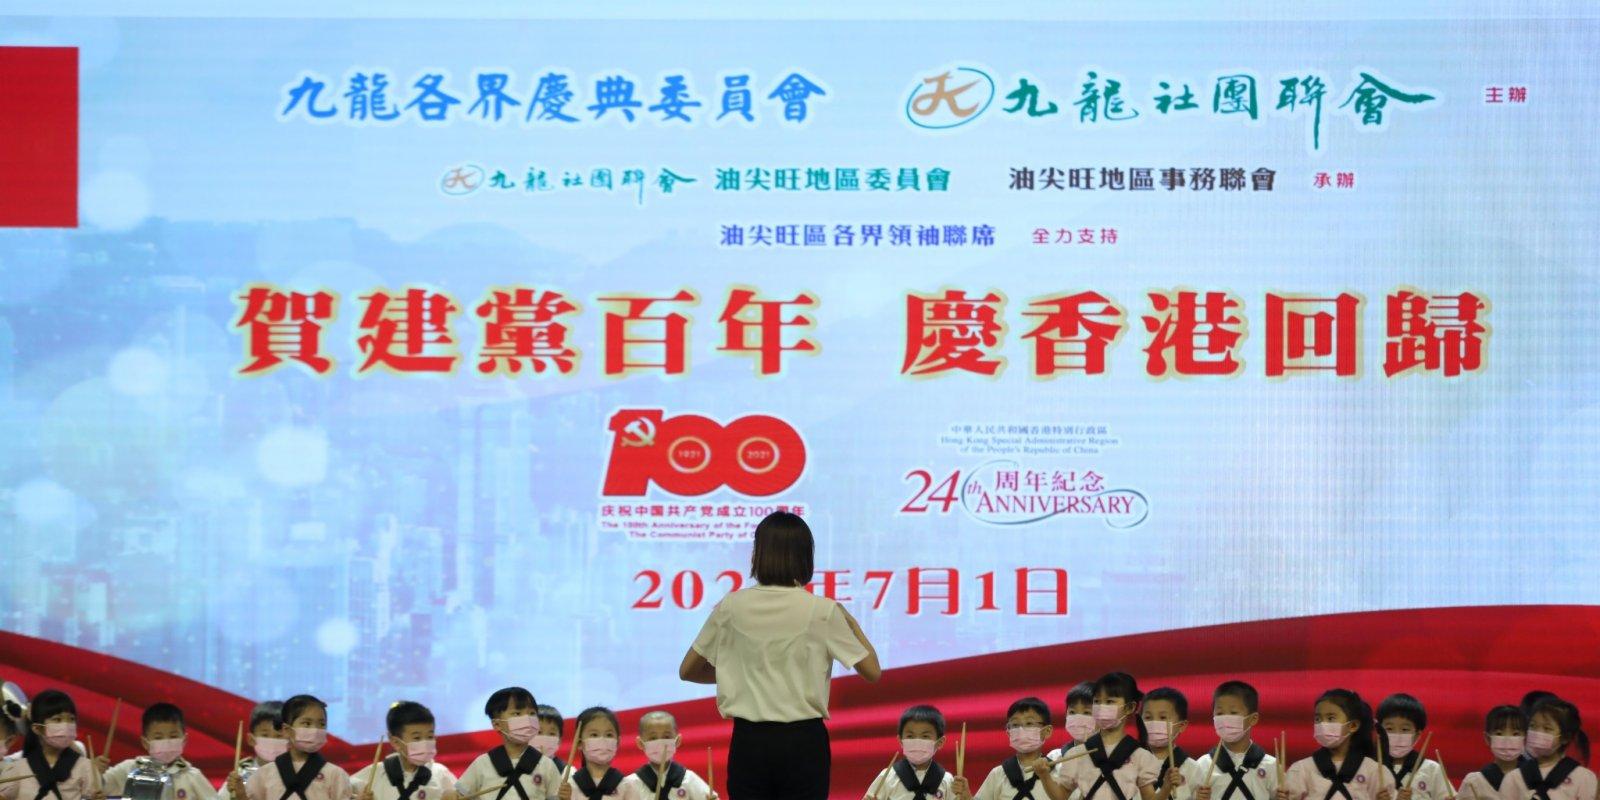 九龍各界舉辦「賀建黨百年 慶香港回歸」慶祝活動